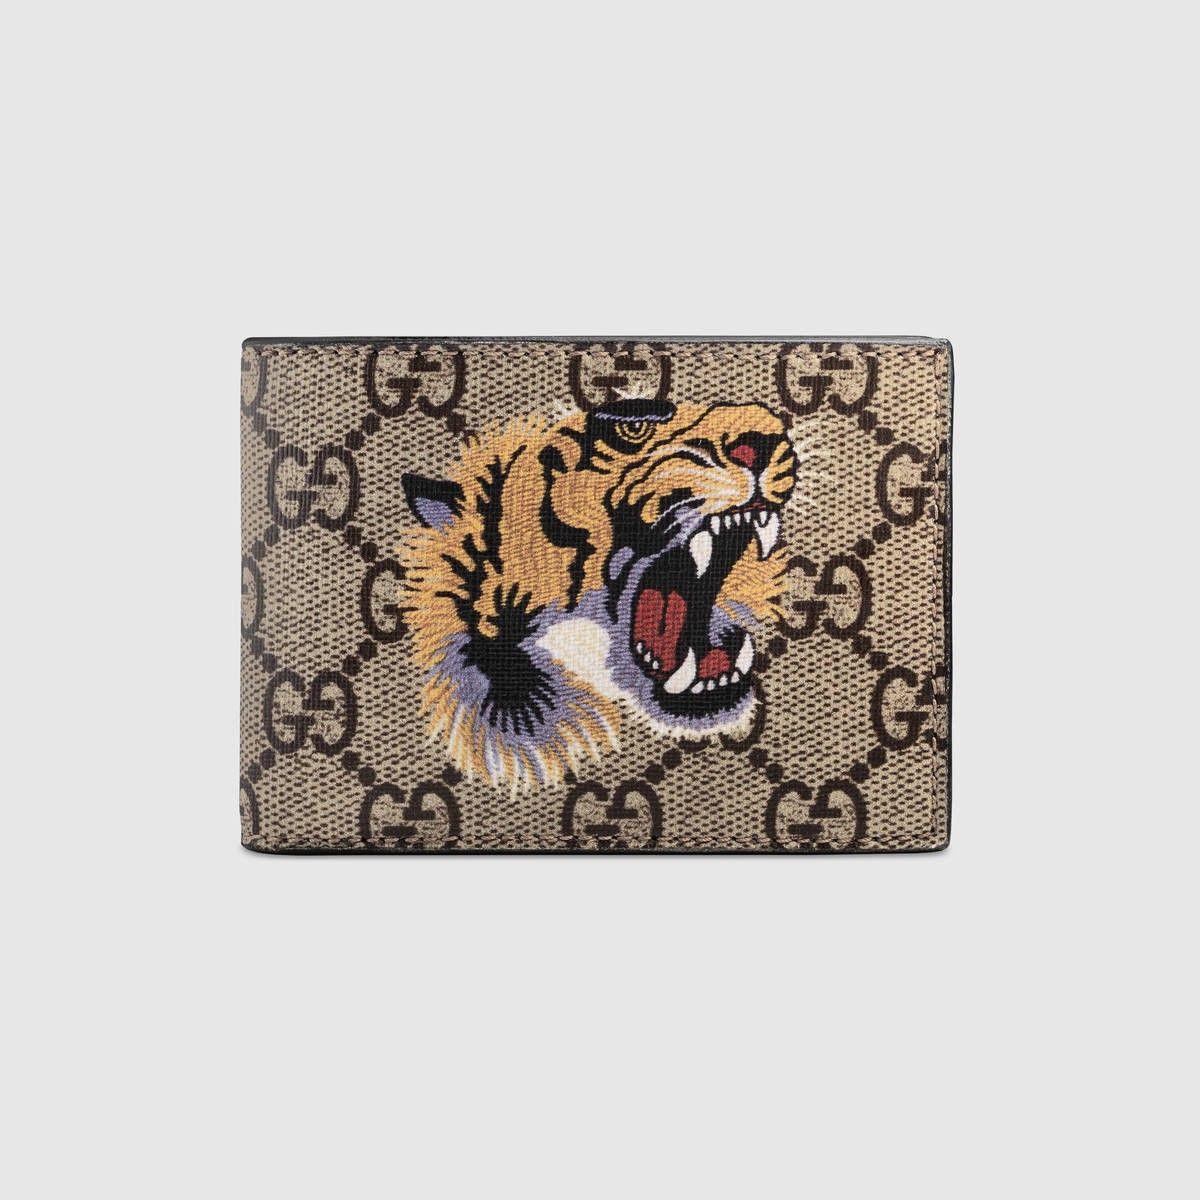 e3172aa97b3d GUCCI Tiger print GG Supreme wallet - GG Supreme. #gucci # | Gucci ...